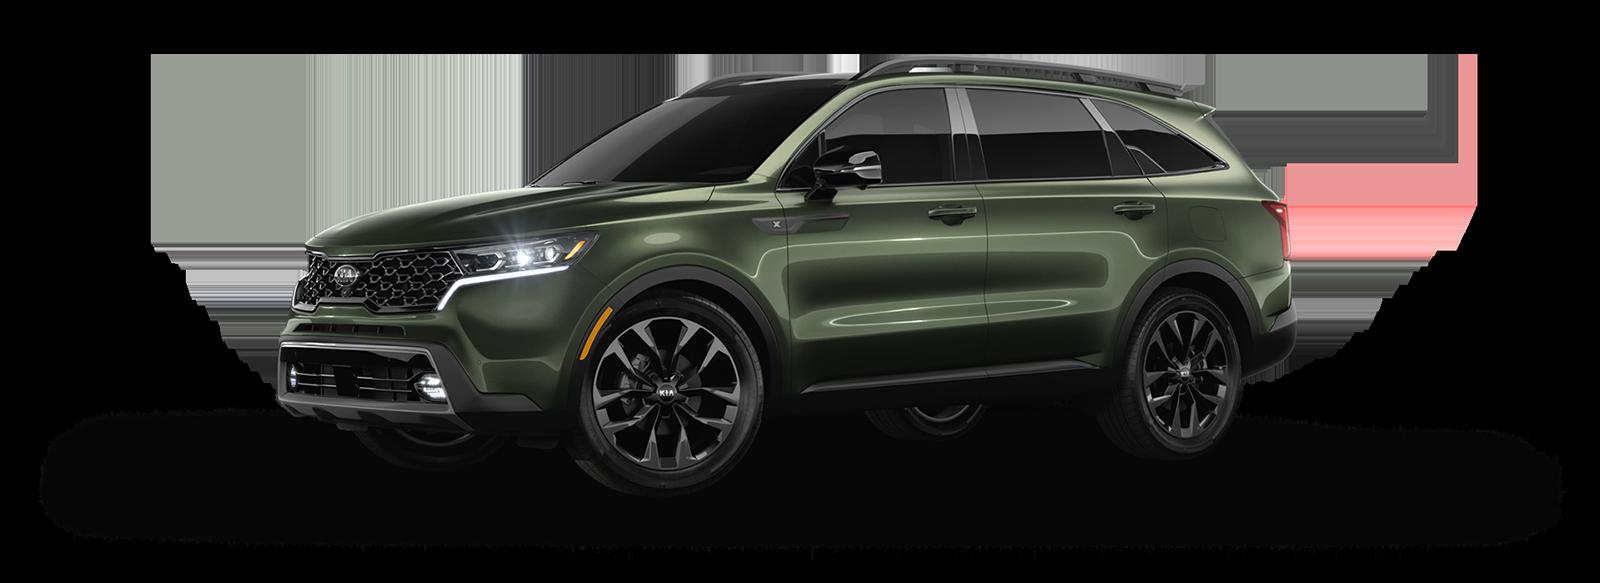 2021 Kia Sorento: Mid-Size SUV - Features, Safety & more ...